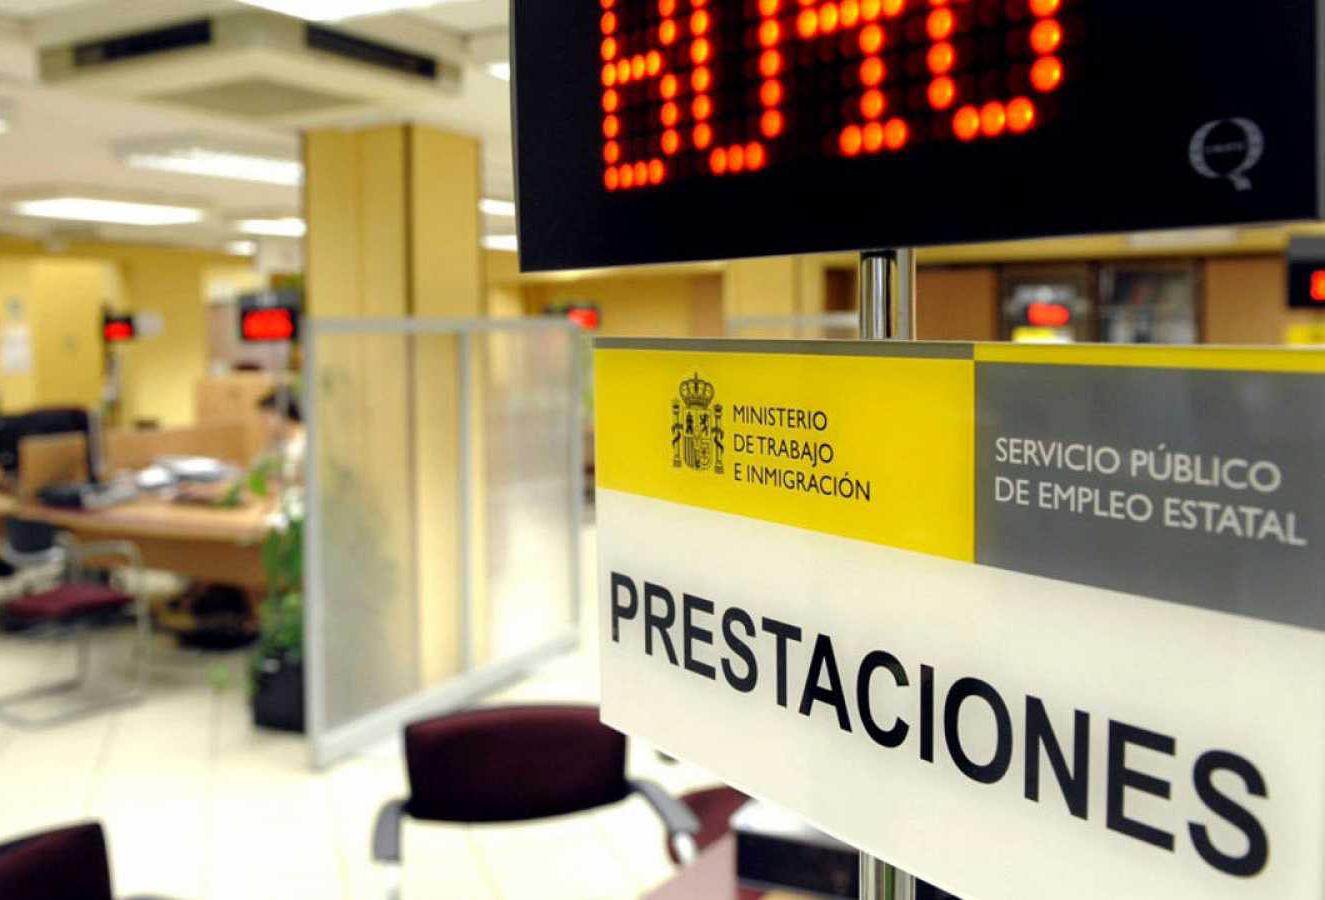 2.000 aturats d'Ontinyent no reben prestació per desocupació El Periòdic d'Ontinyent